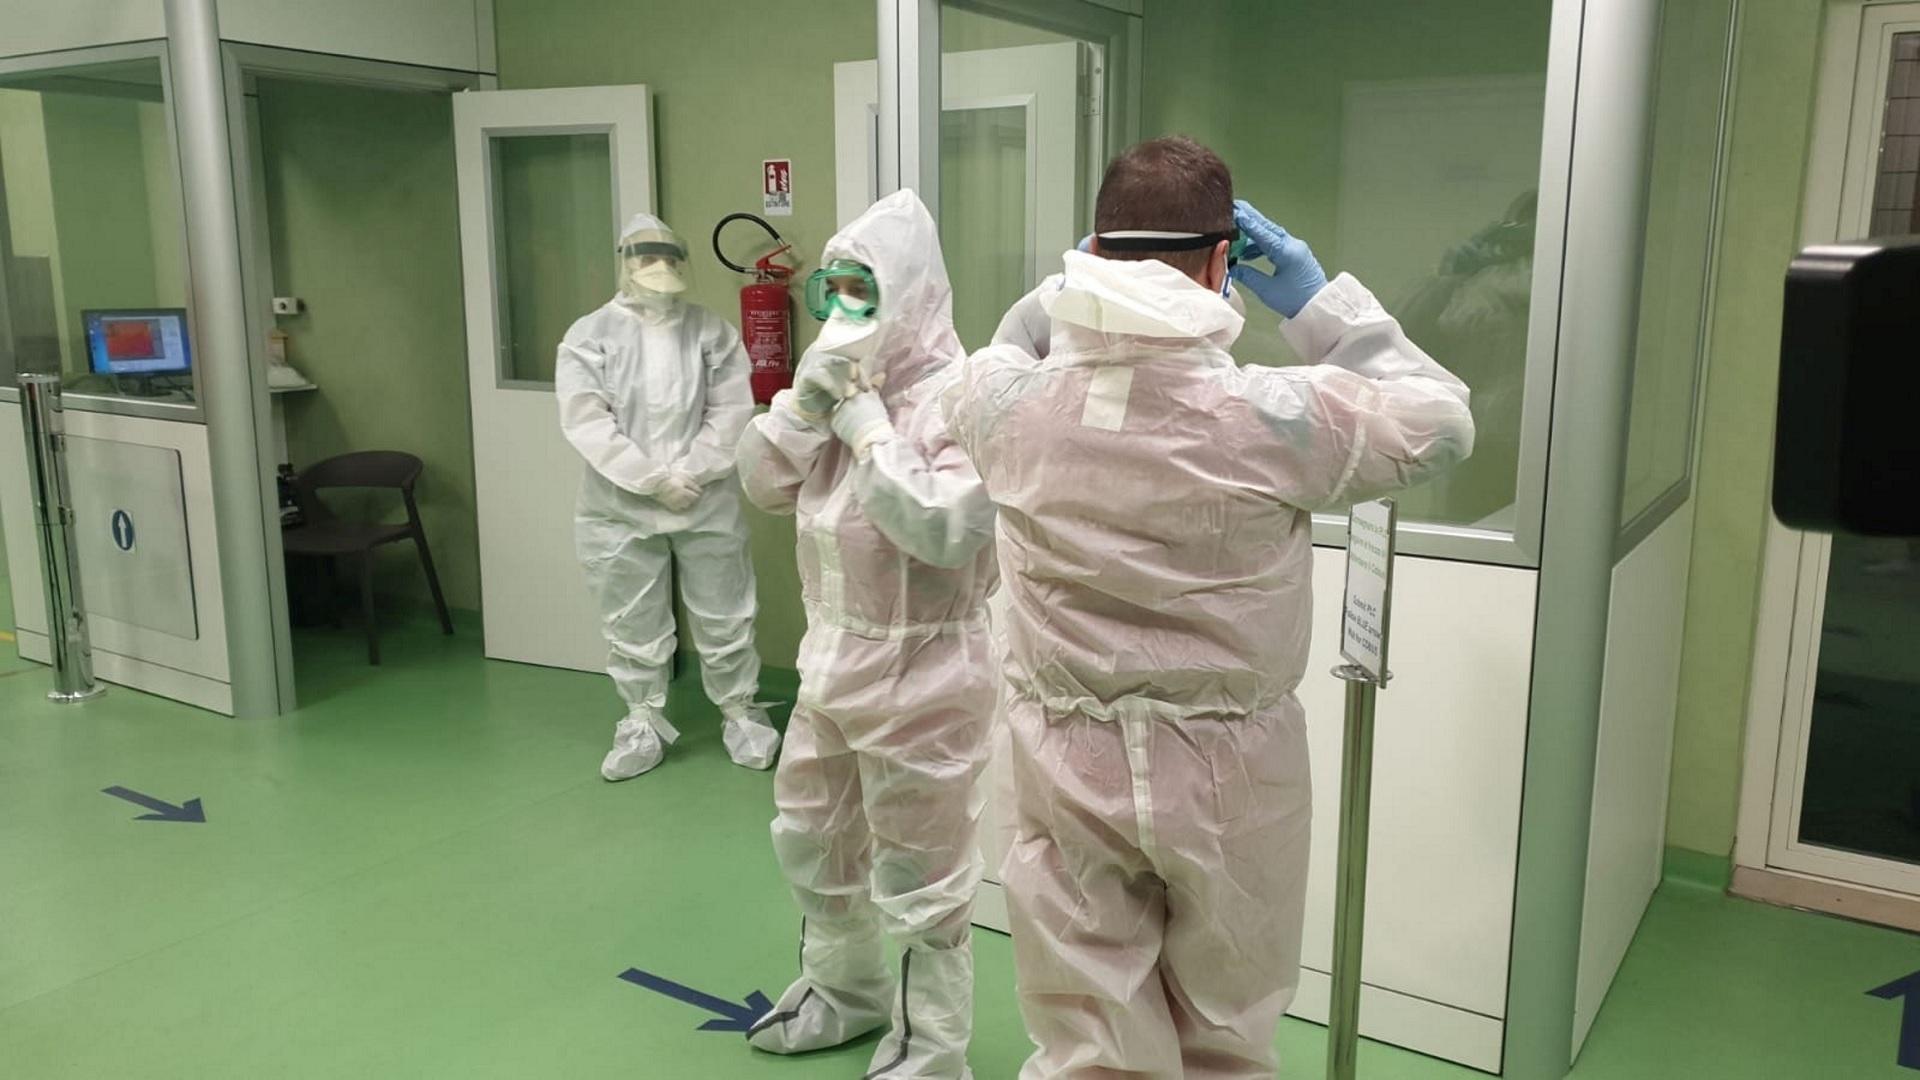 Κορωνοϊός σύμπτωμα ανοσμία: Σημάδι μόλυνσης από τον ιό